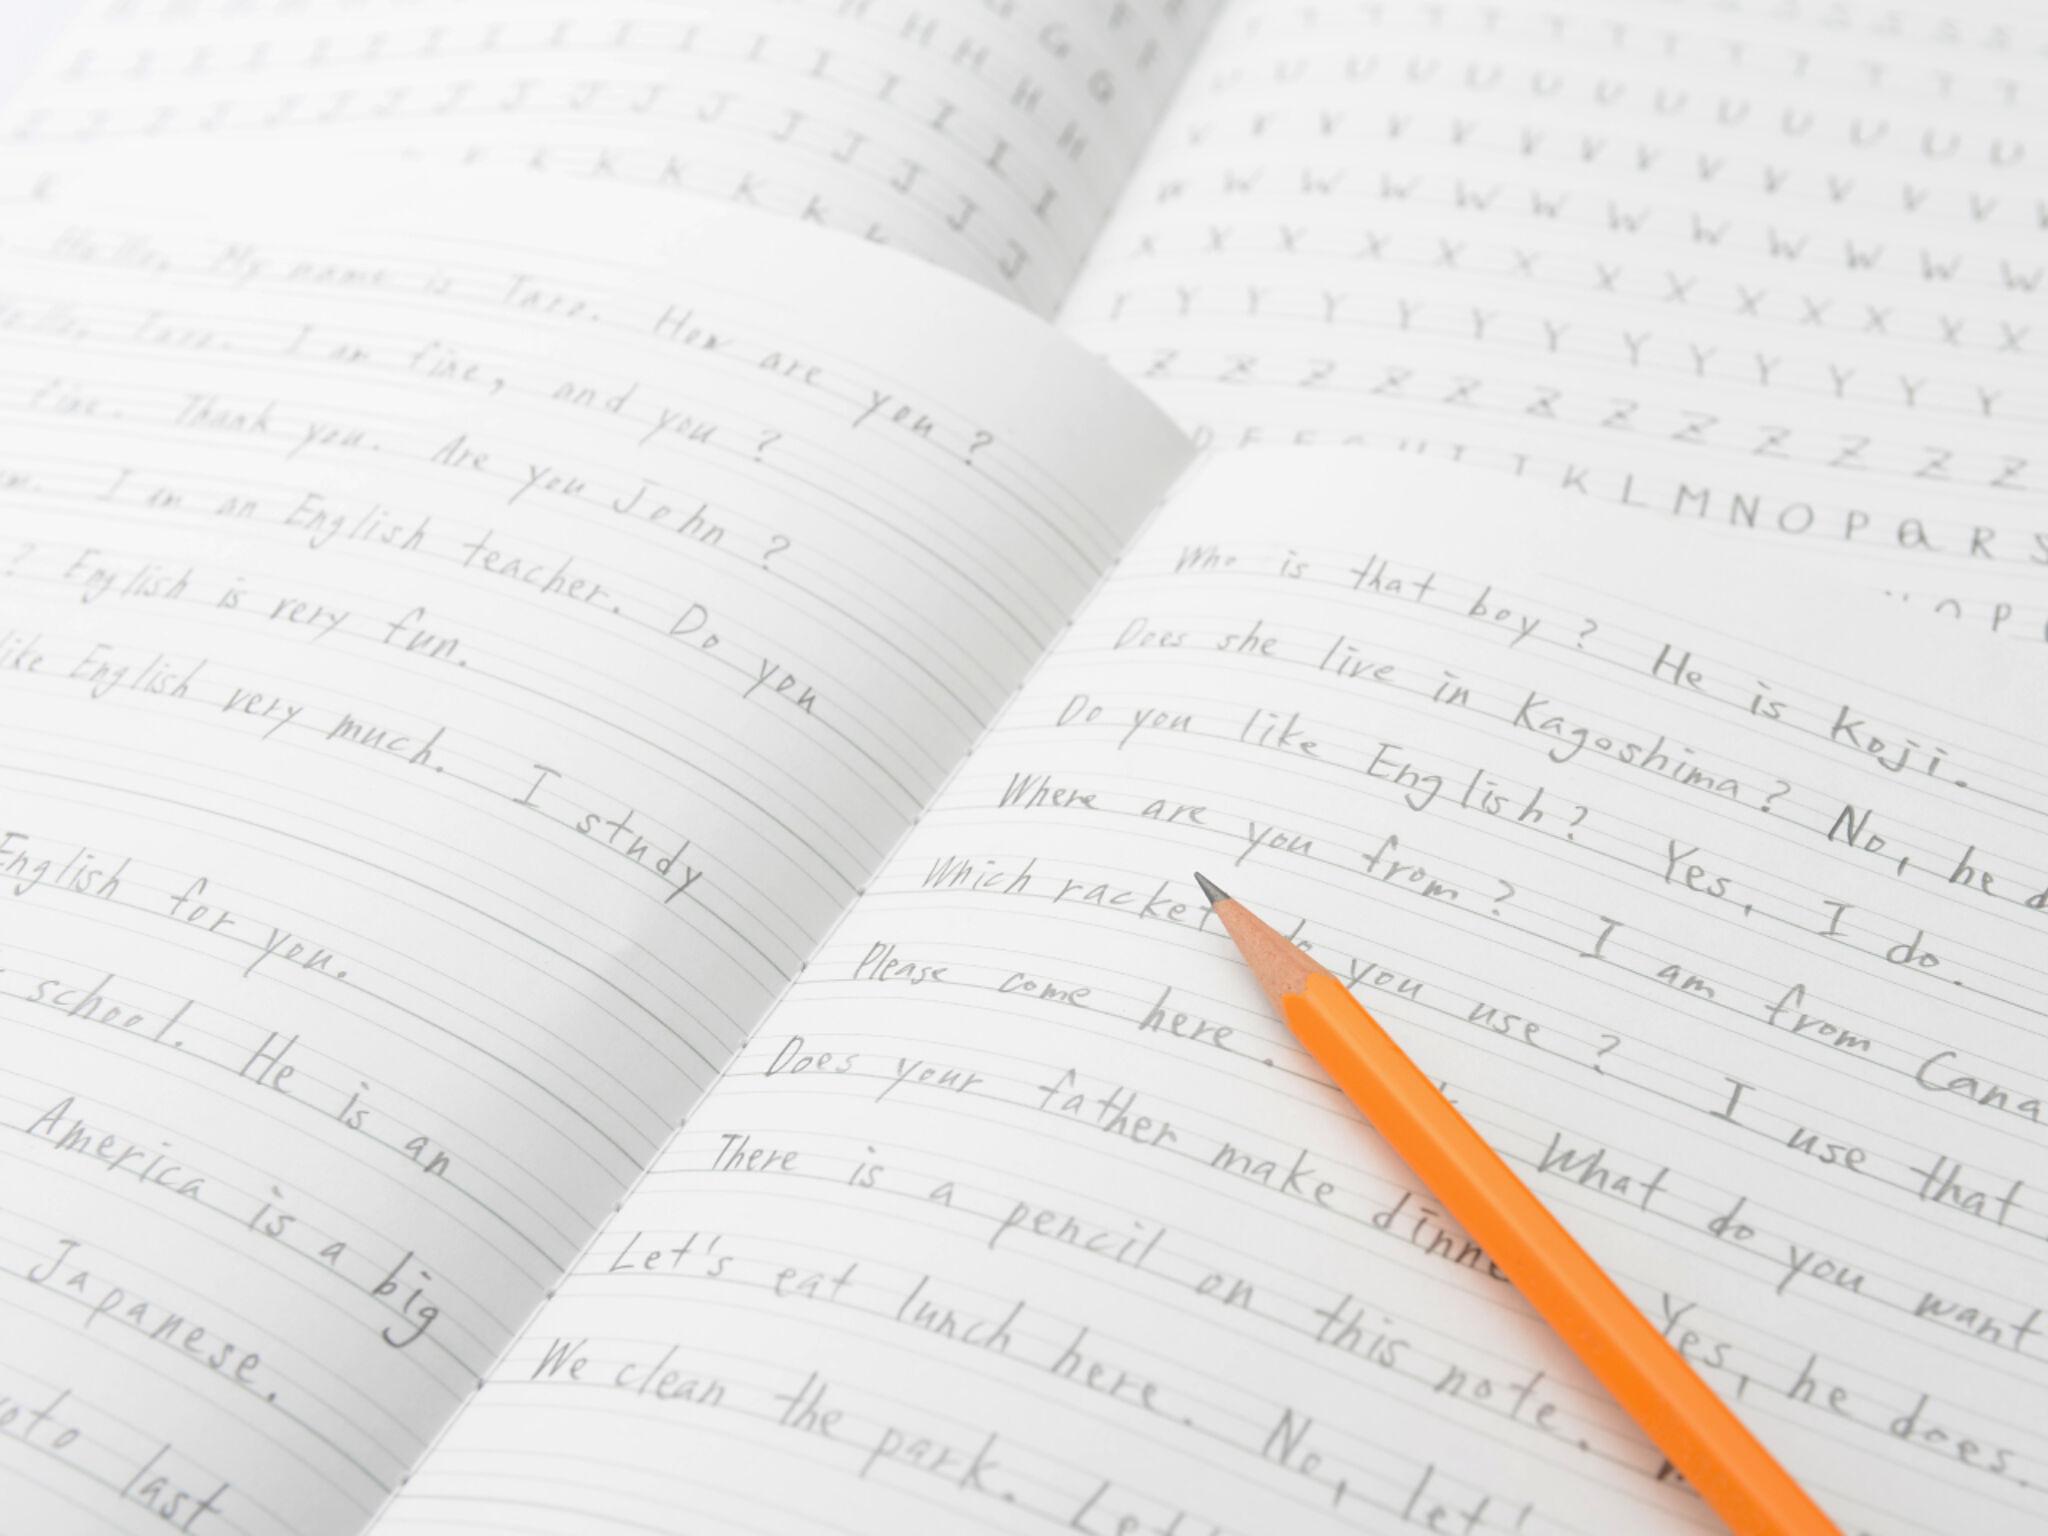 英作文が書いてあるノートの画像